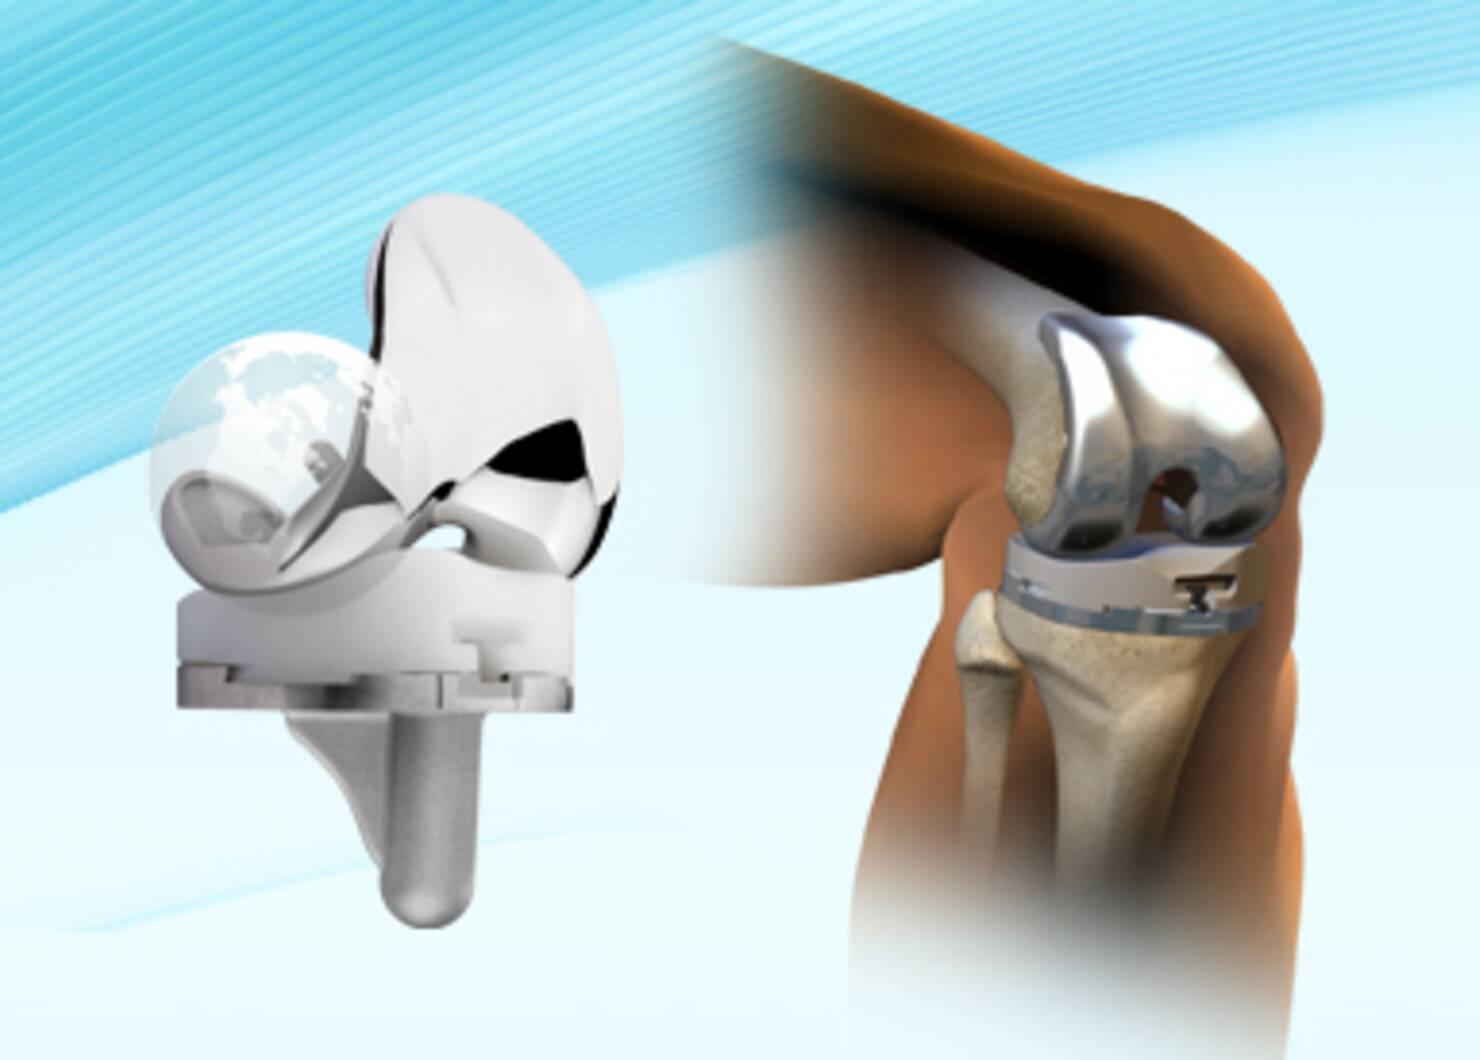 Orthopedie Knieën